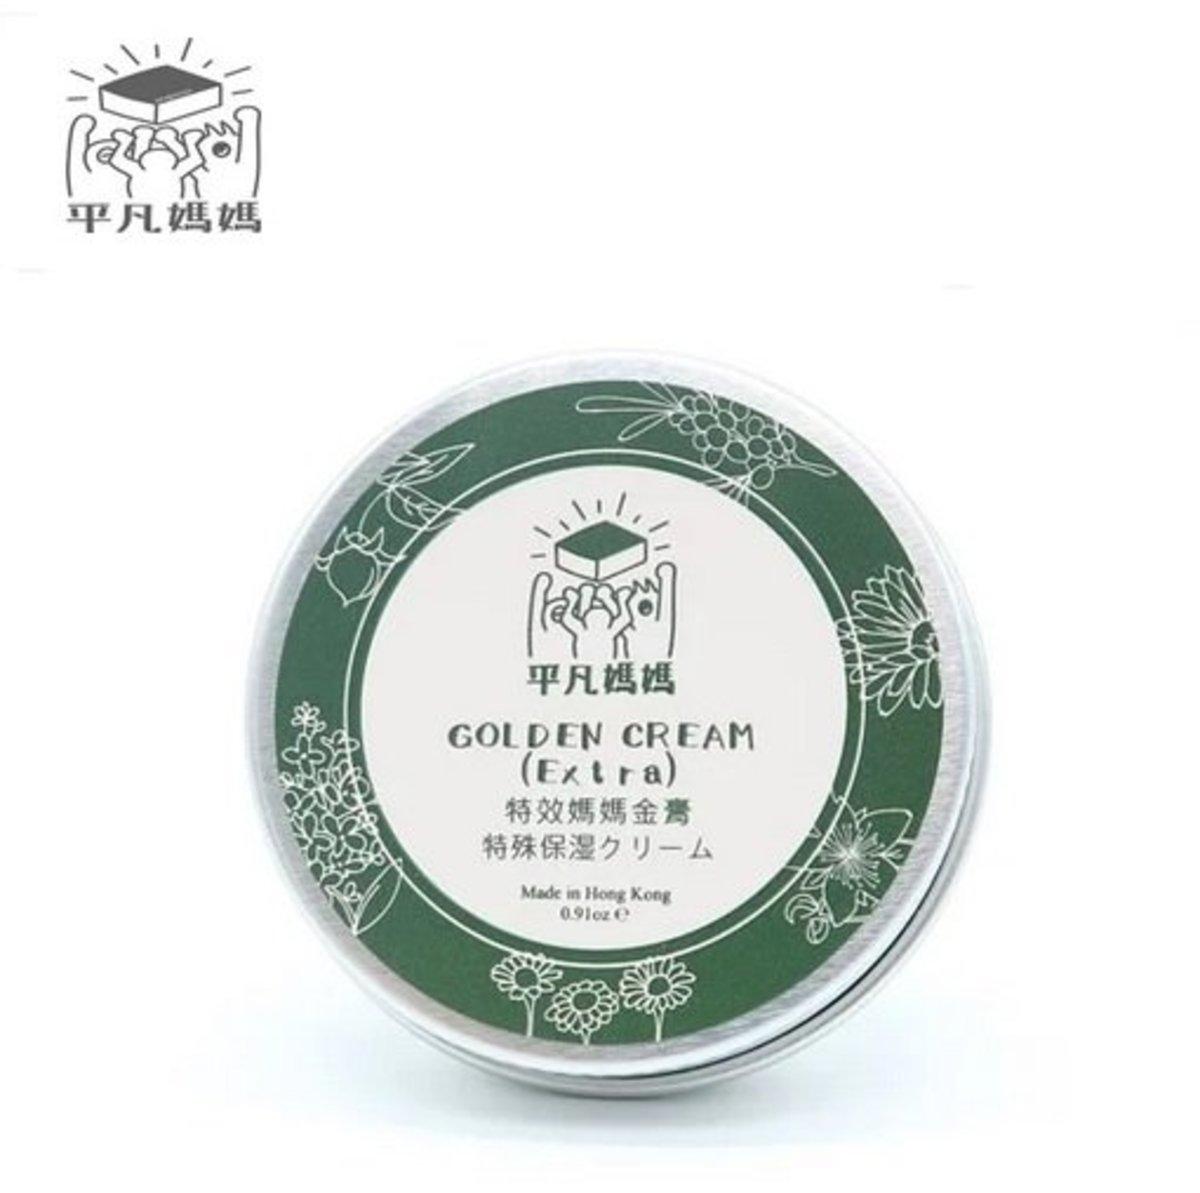 天然不含藥性 敏感皮膚適用 特效保濕 媽媽金膏 (1.01oz)